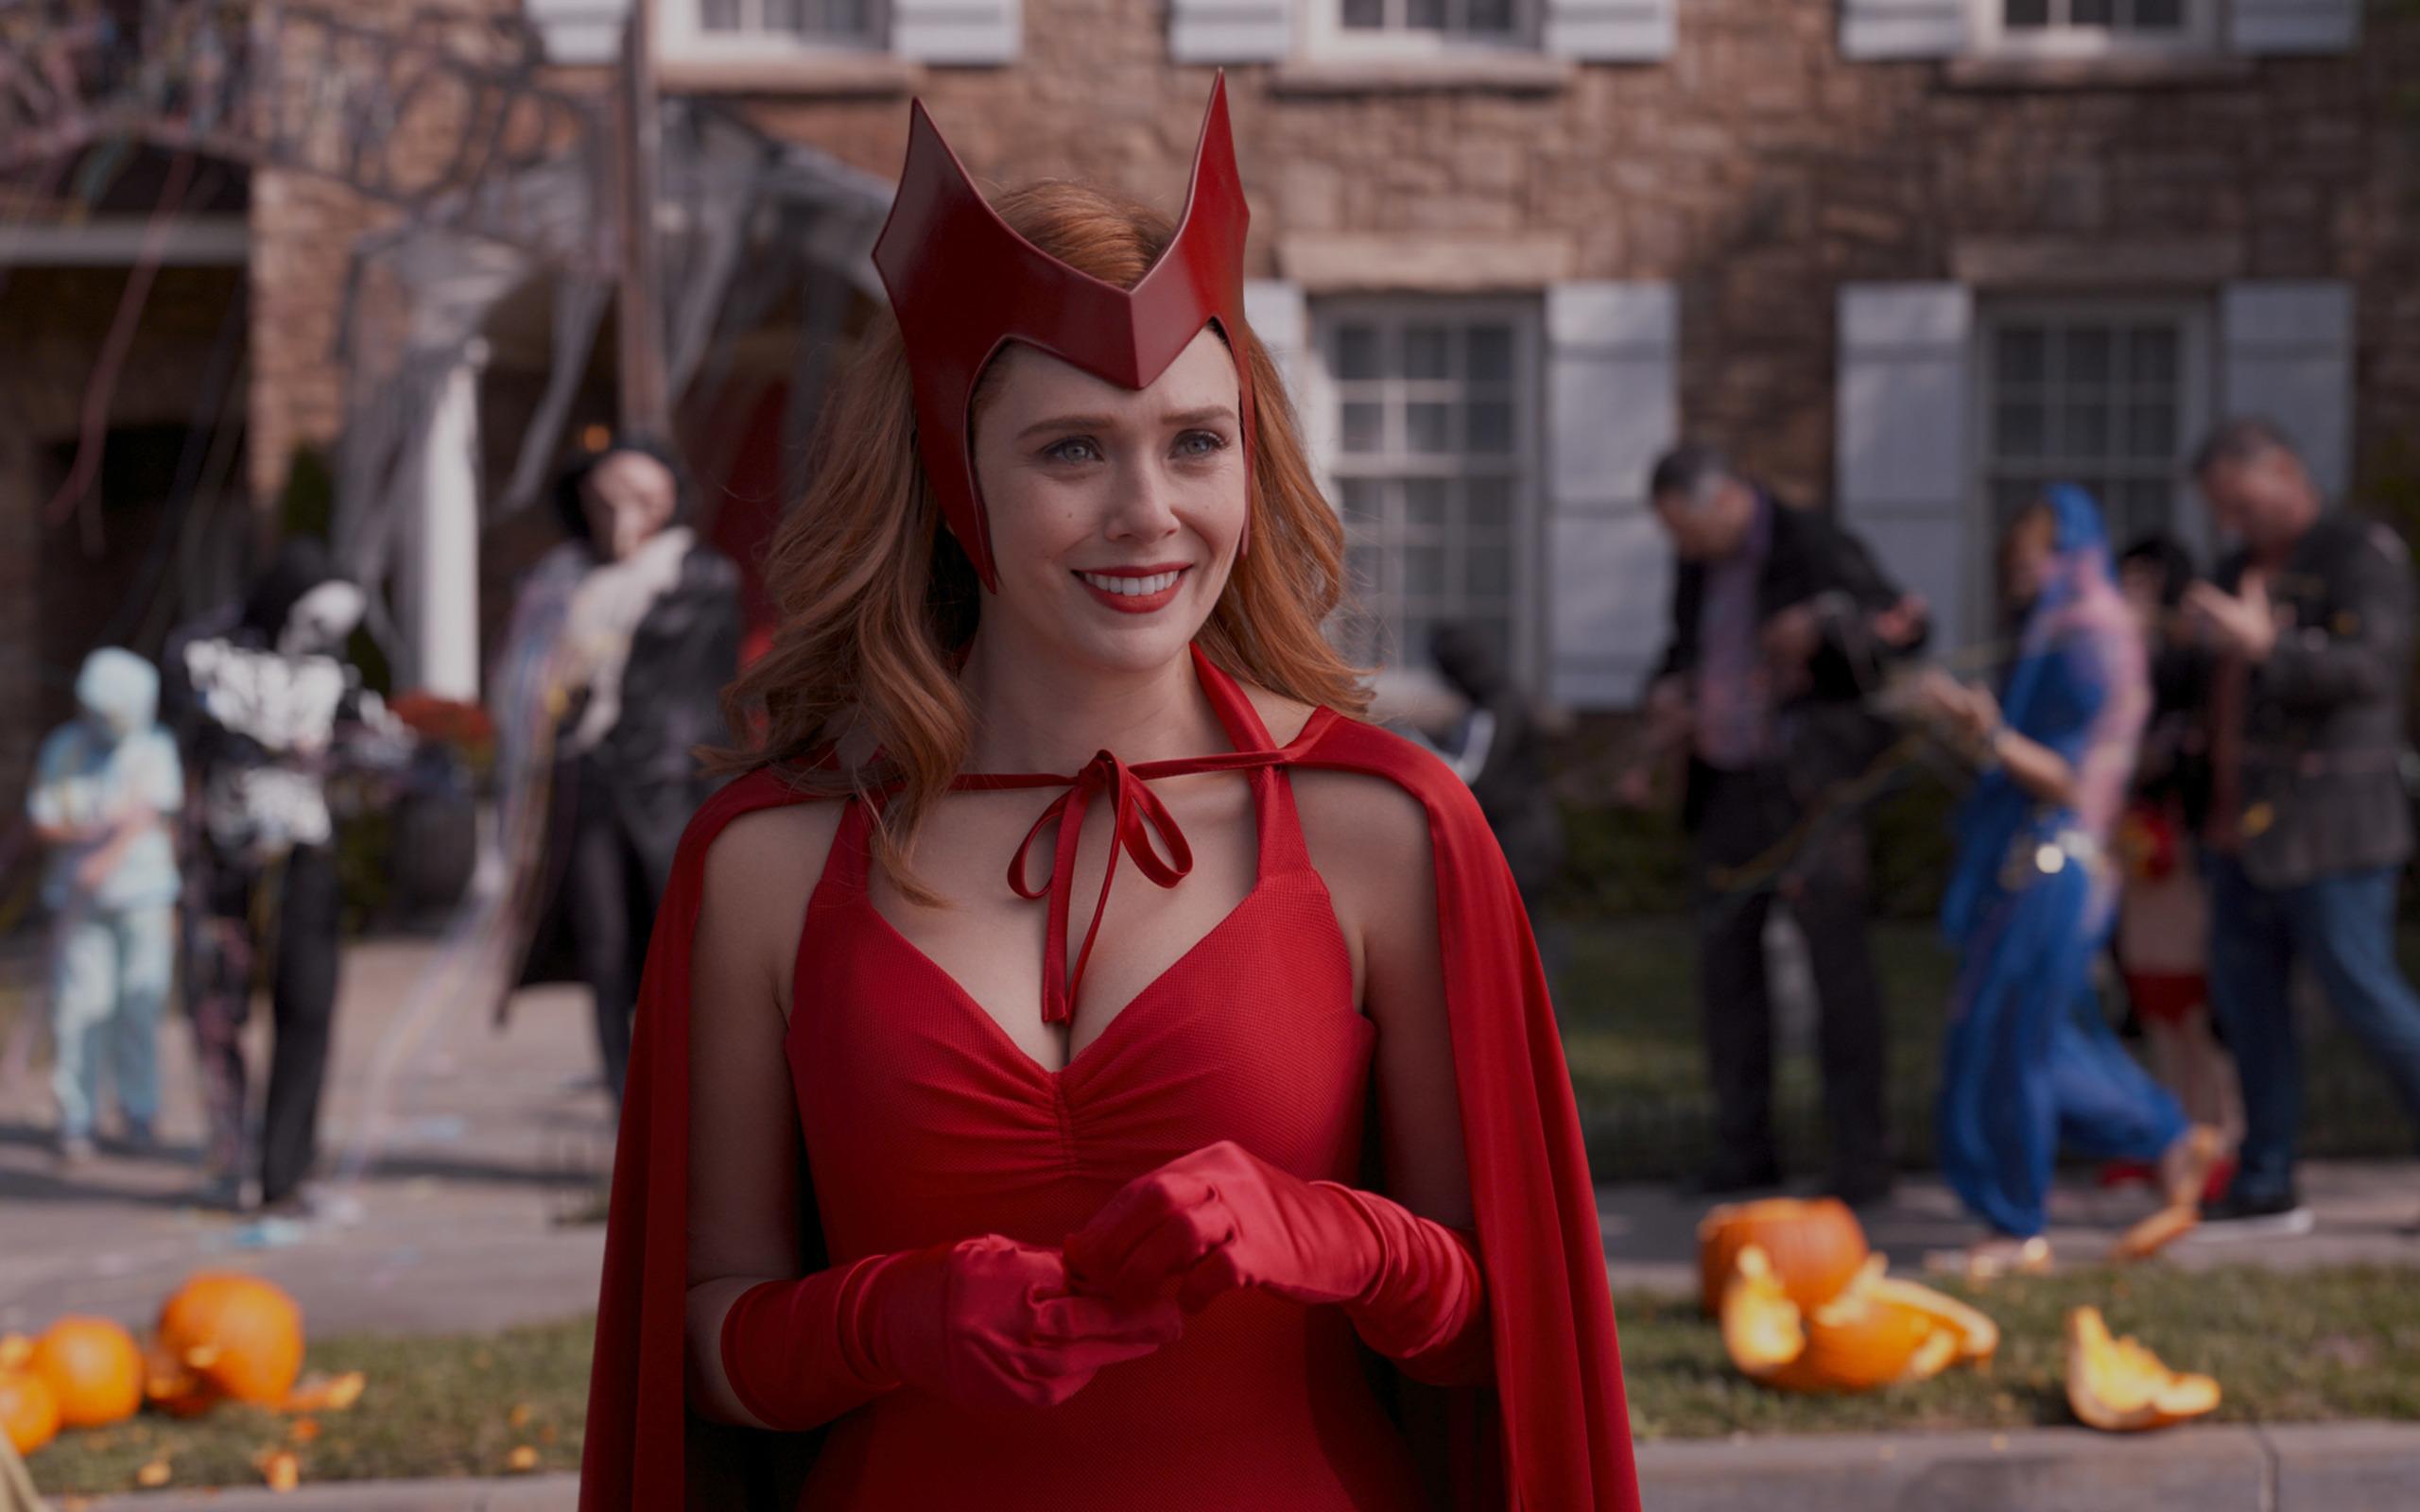 wanda-maximoff-2021-red-costume-ds.jpg